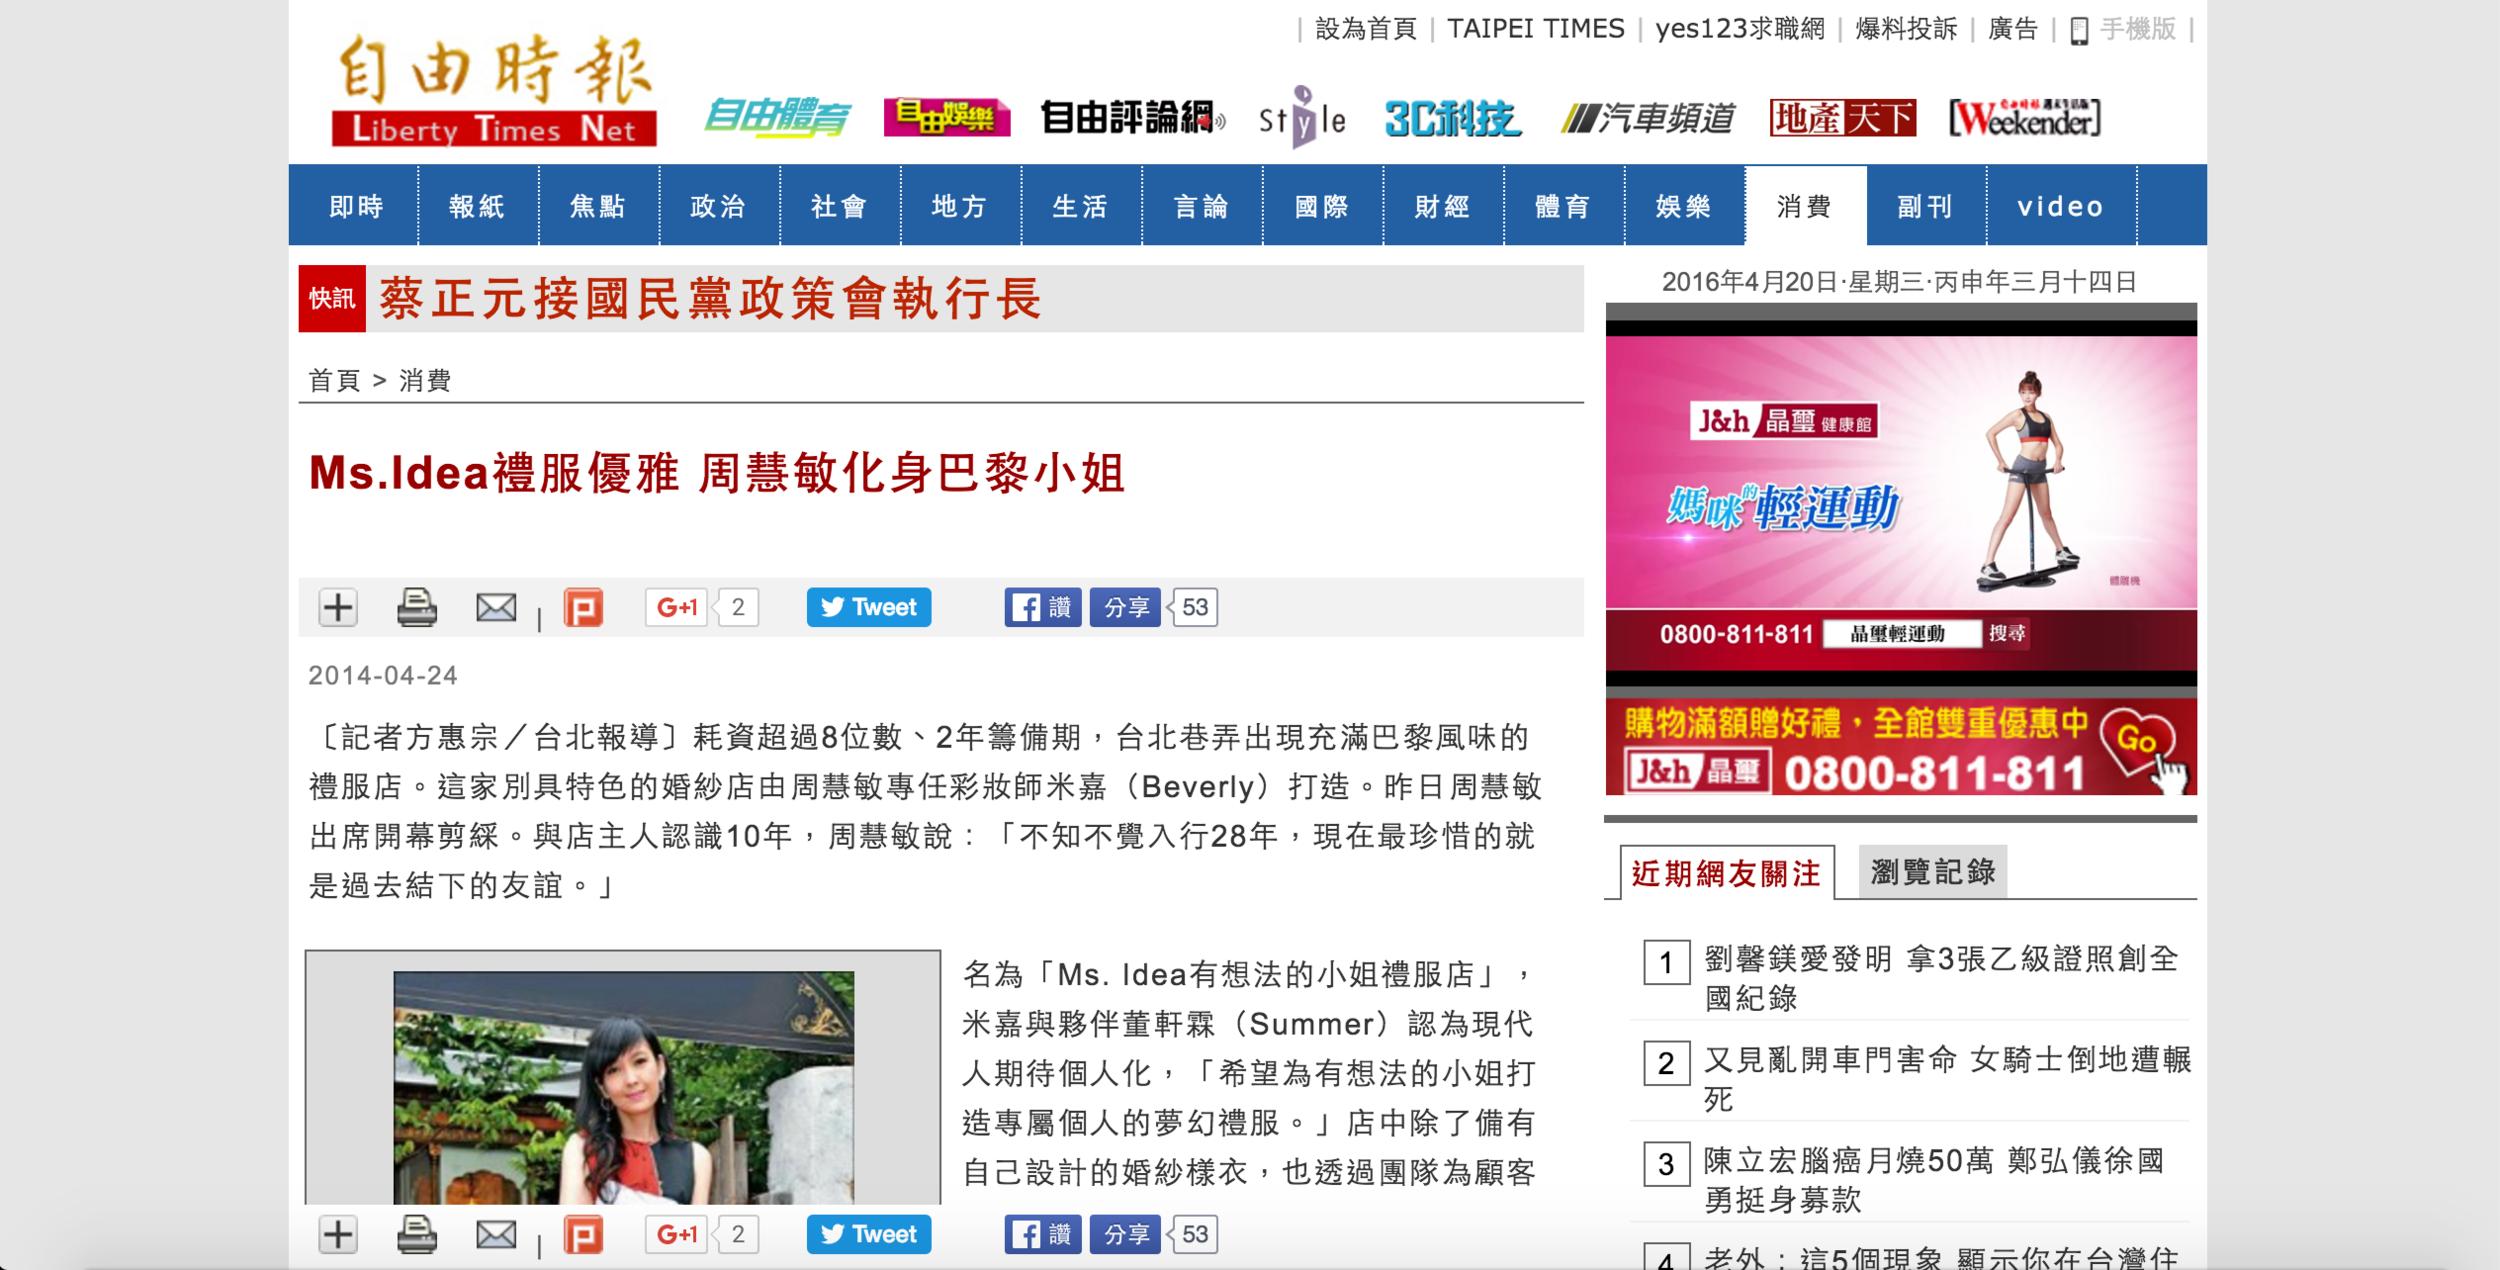 Liberty Times Net 2014.04.24